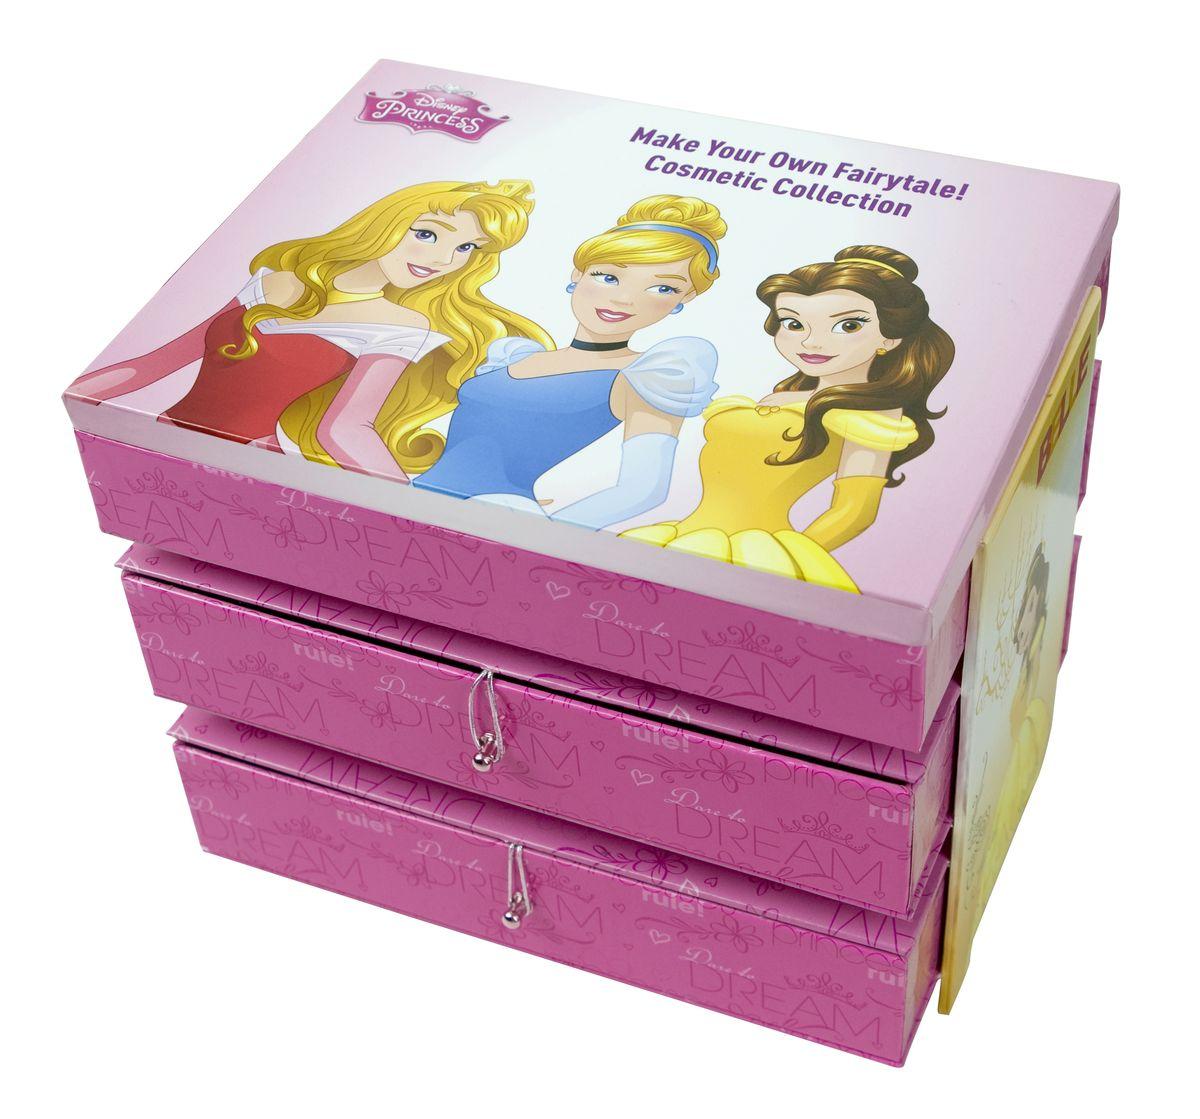 Markwins Игровой набор детской декоративной косметики Princess 96042519604251Набор декоративной косметики Markwins - отличный подарок для каждой девочки! В набор входит все необходимое для создания безупречного образа: макияжа, маникюра и педикюра, которые можно дополнить стильными аксессуарами. Косметику очень удобно хранить в комоде, который также входит в комплект. На нем изображены героини популярных мультфильмов Дисней. Детская косметика Markwins создана с соблюдением самых высоких европейских стандартов безопасности. Продукция не содержит парабенов, метилизотиазолинона, пальмового масла. Предназначена для детей от 7 лет. Несмотря на высокое качество продукции и ее общую гипоаллергенность, производитель рекомендует проверить индивидуальную реакцию на косметику перед ее использованием. Просто нанесите на кожу немного косметики и подержите 30-60 минут. Если на коже появится покраснение, следует прекратить использование продукции. Эта аллергическая реакция проявляется очень редко и зависит от индивидуальных особенностей организма. Условия...